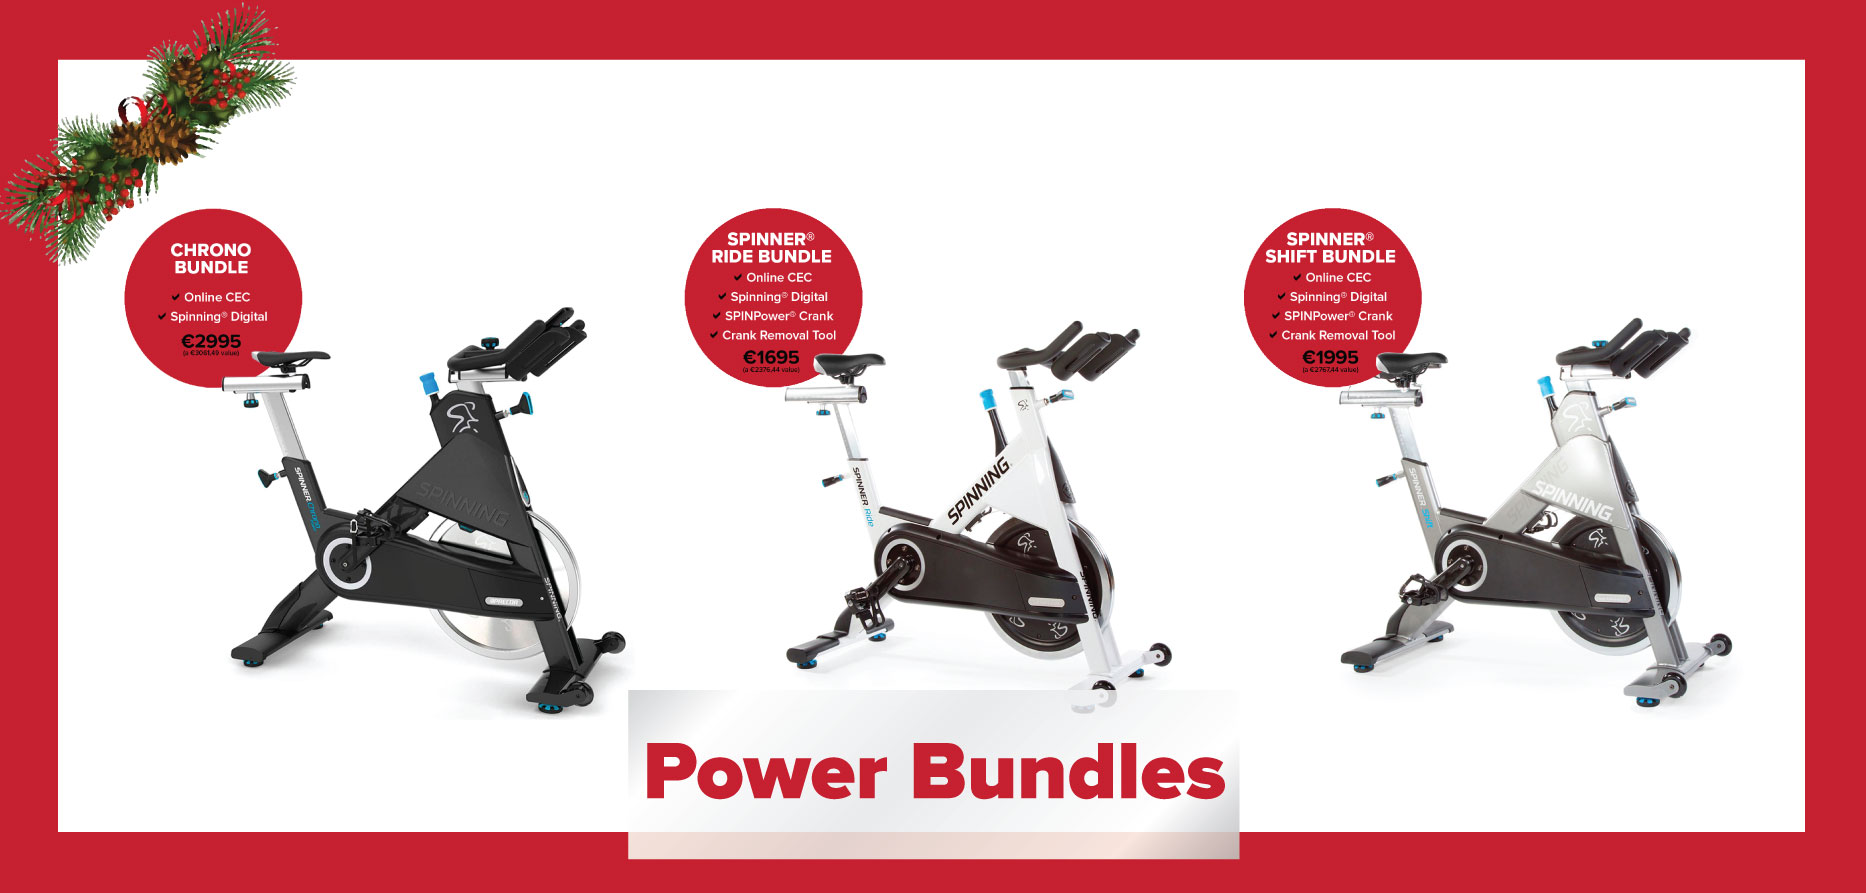 Spinning® Commercial Bike Bundles